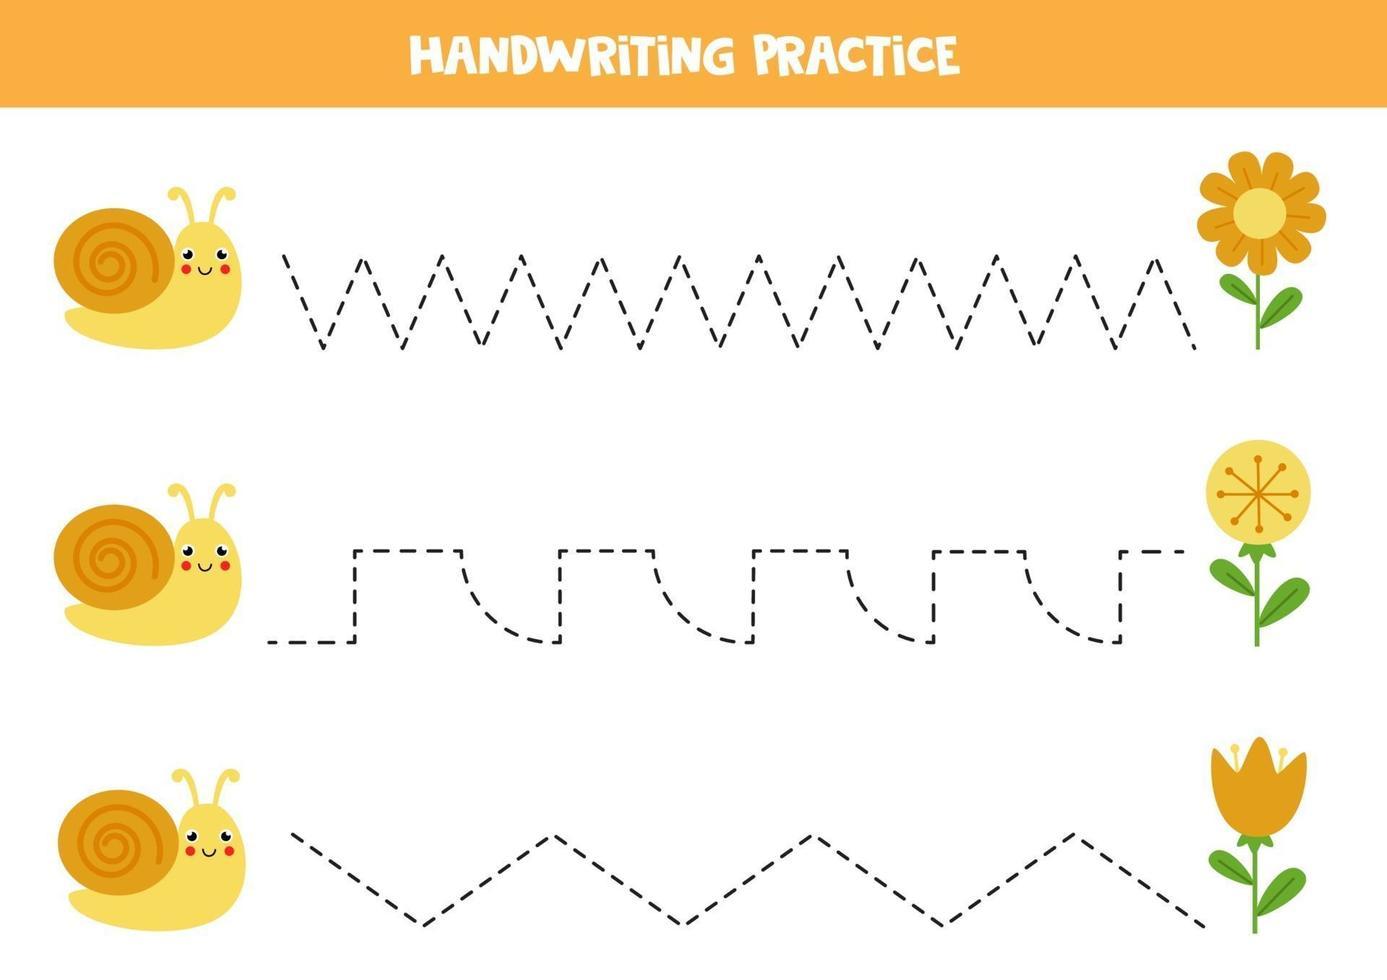 traccia le linee con simpatiche lumache e fiori. Pratica di scrittura. vettore